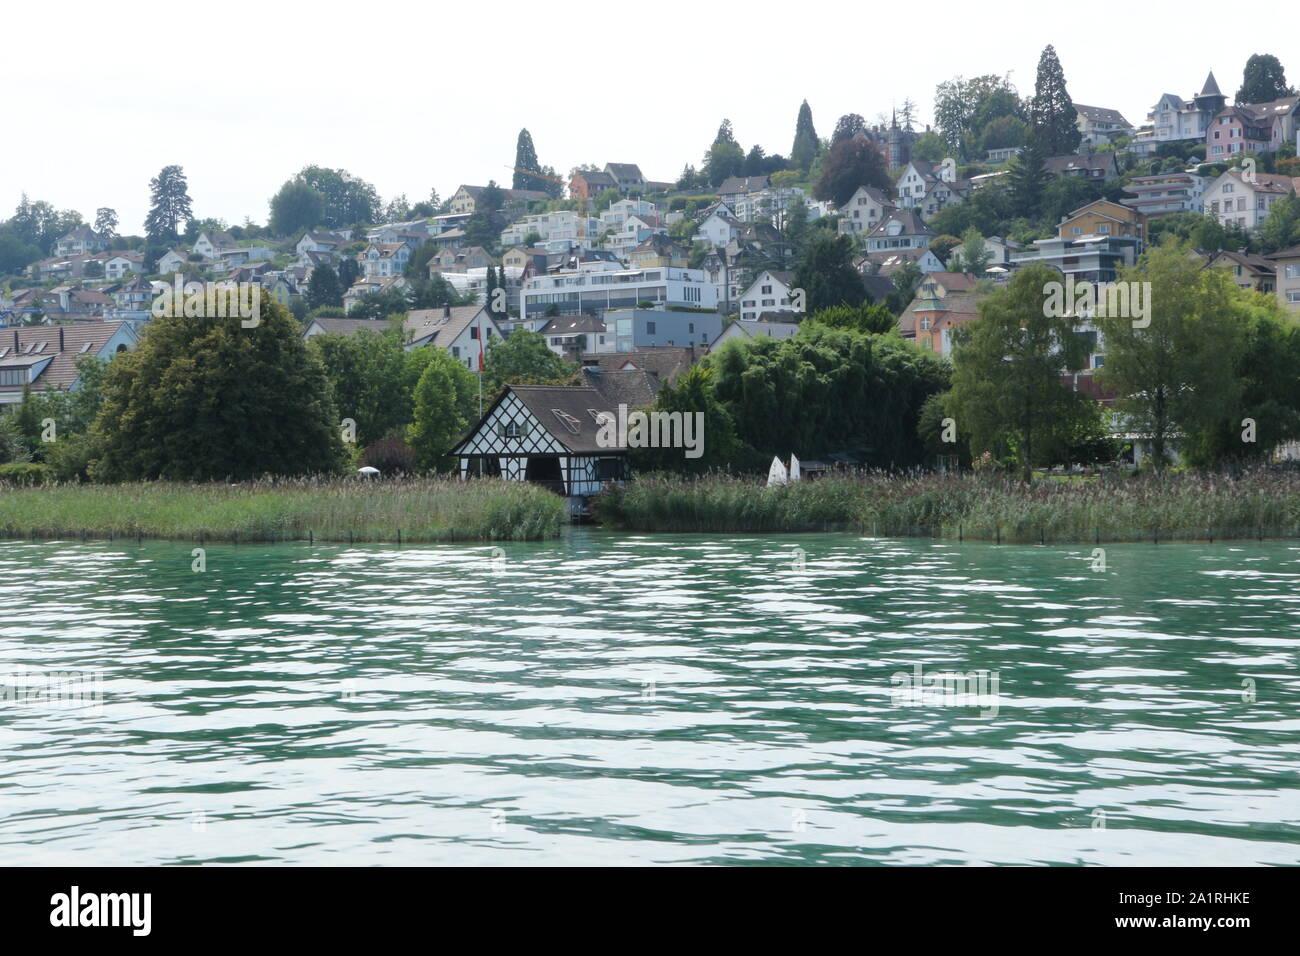 Impressionen vom Zürichsee in der Schweiz Stock Photo